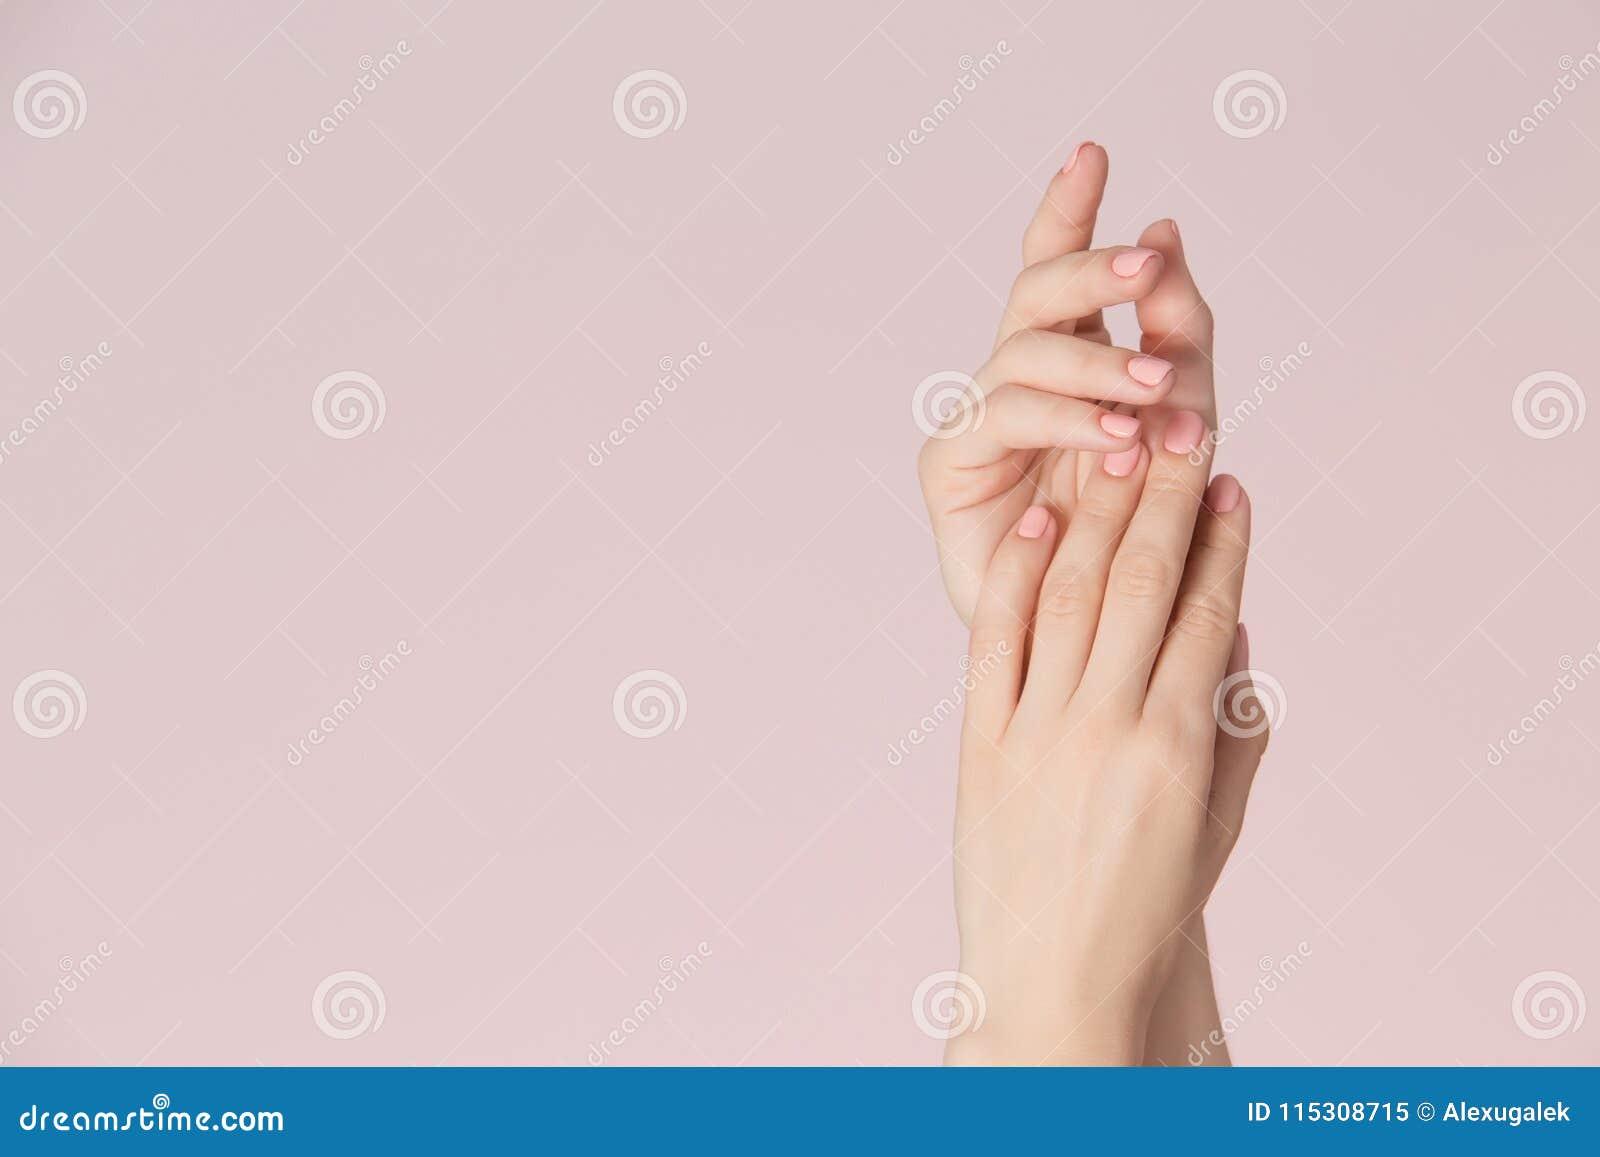 Las manos de la mujer con la piel limpia y los clavos con rosa pulen la manicura en fondo rosado Cuidado de los clavos y tema de